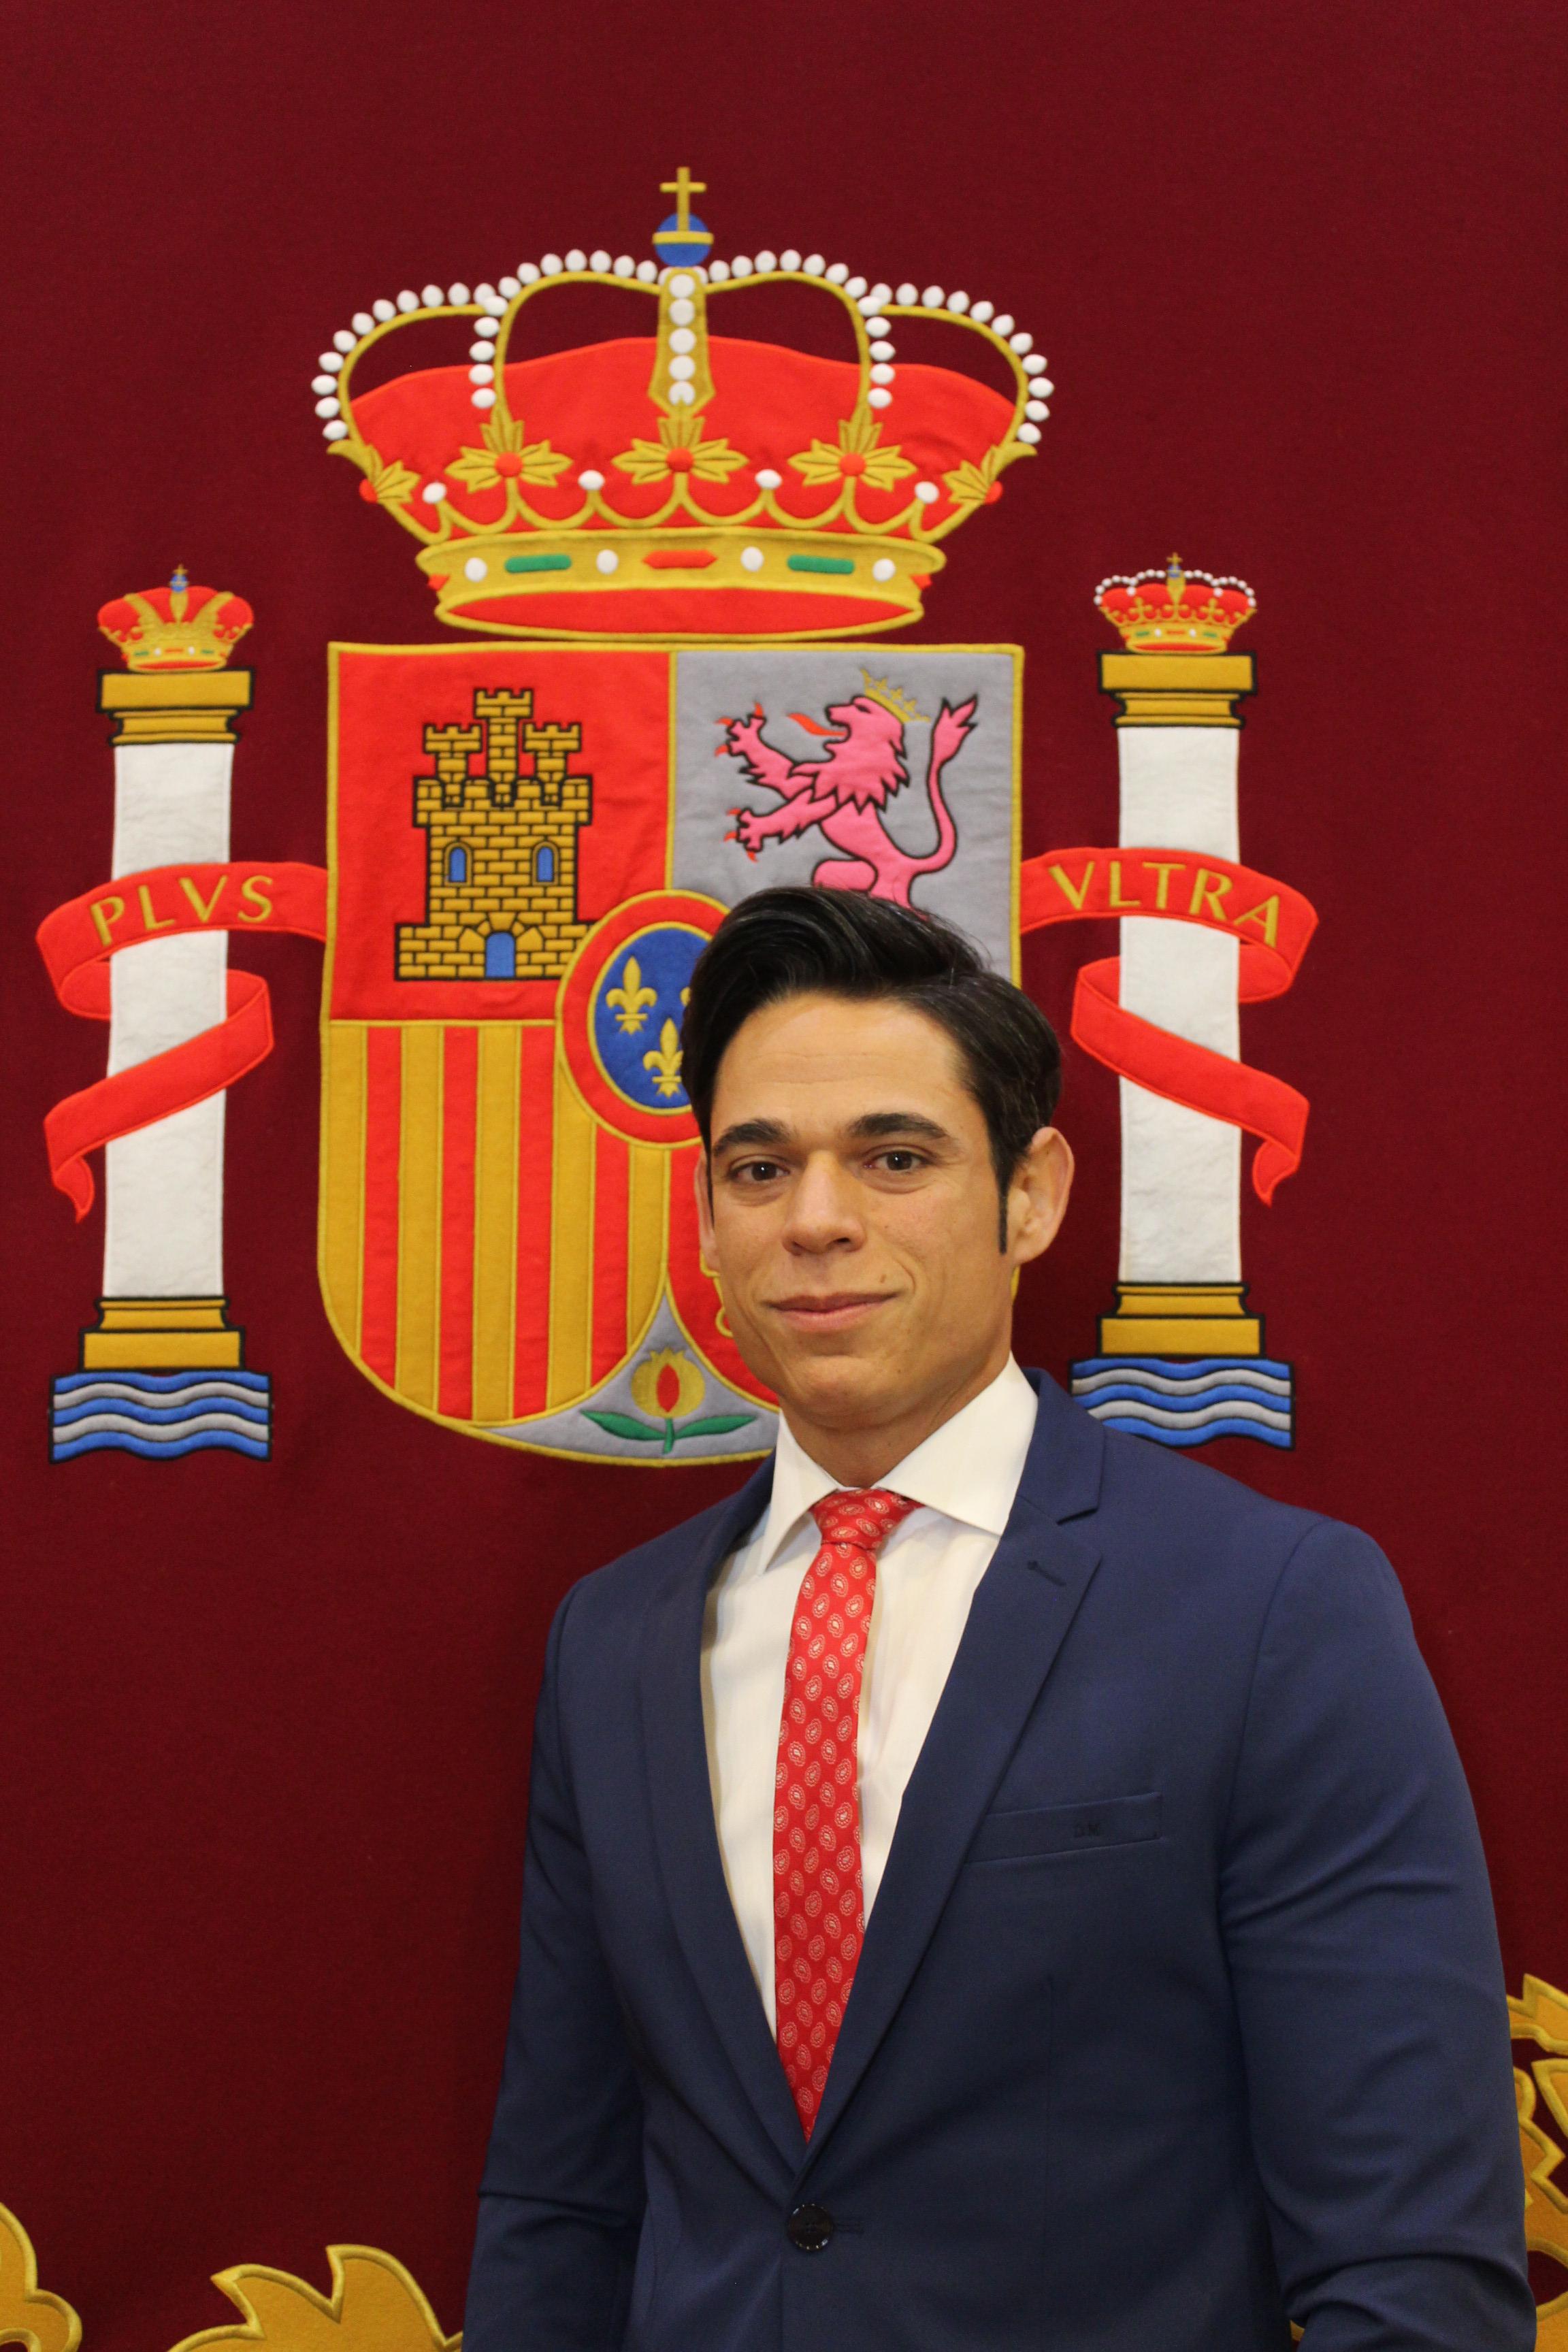 14. David Márquez García PSOE